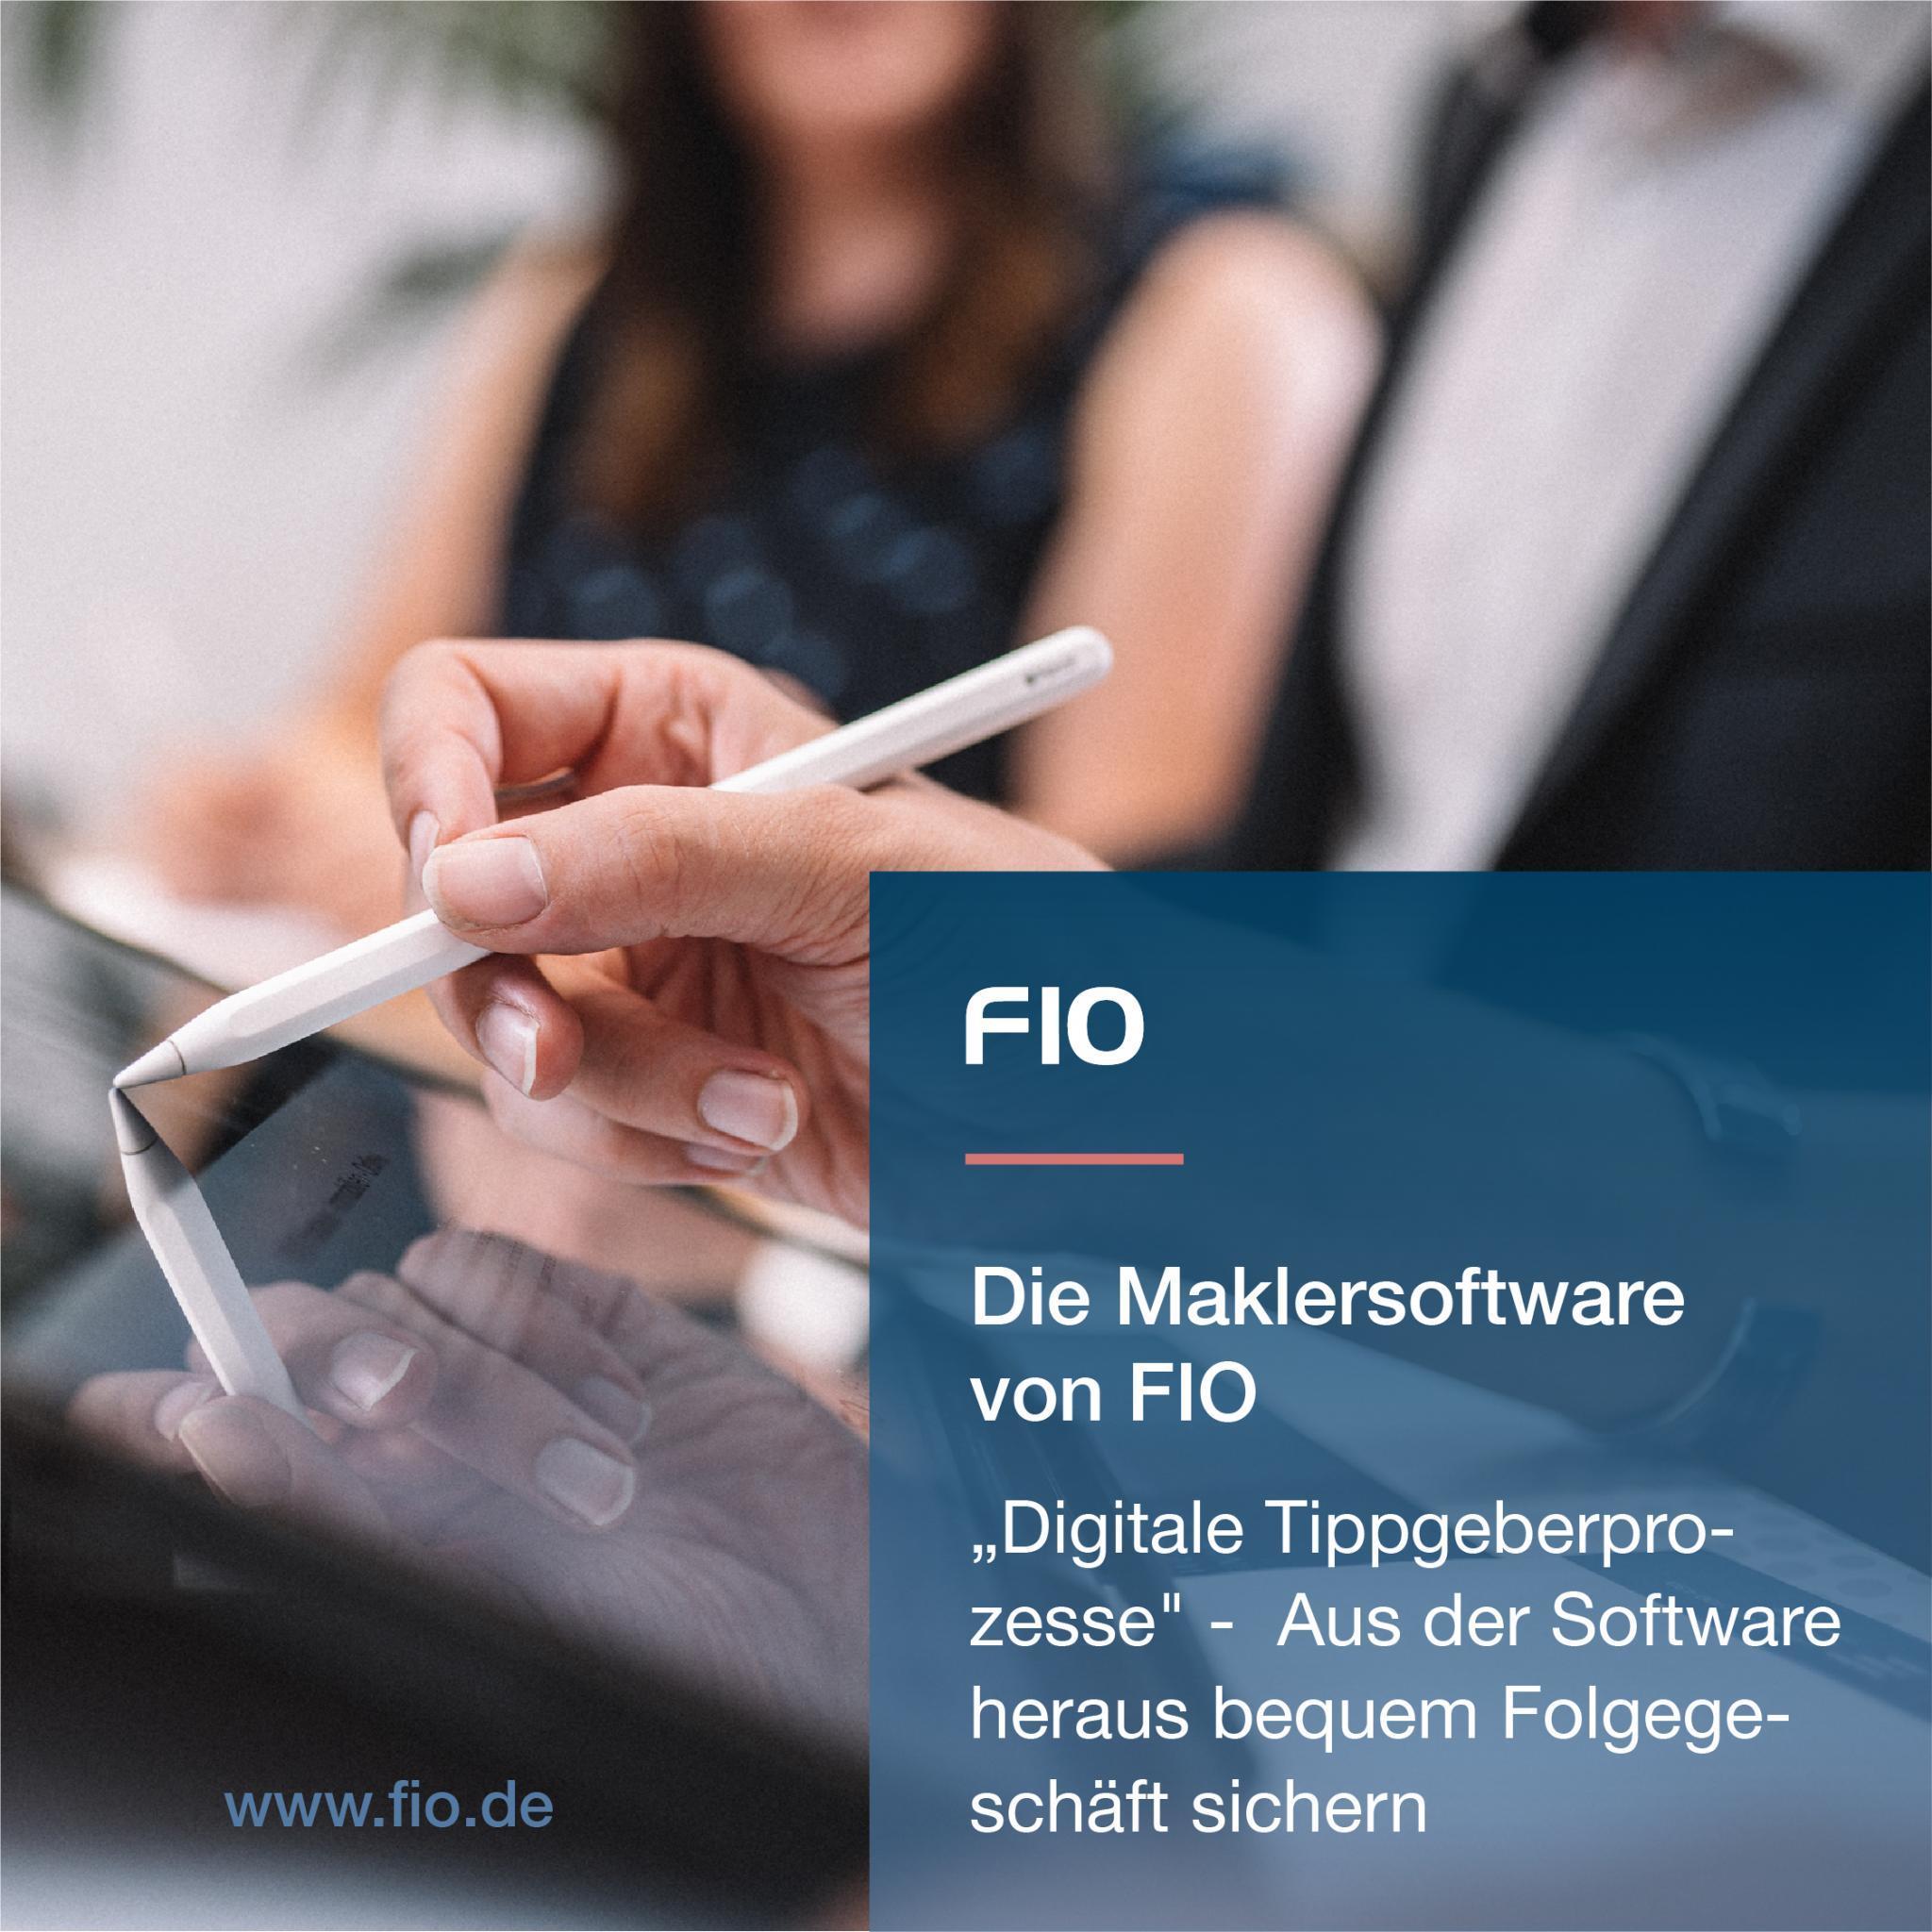 Bild 1 - FIO die webbasierte Maklersoftware